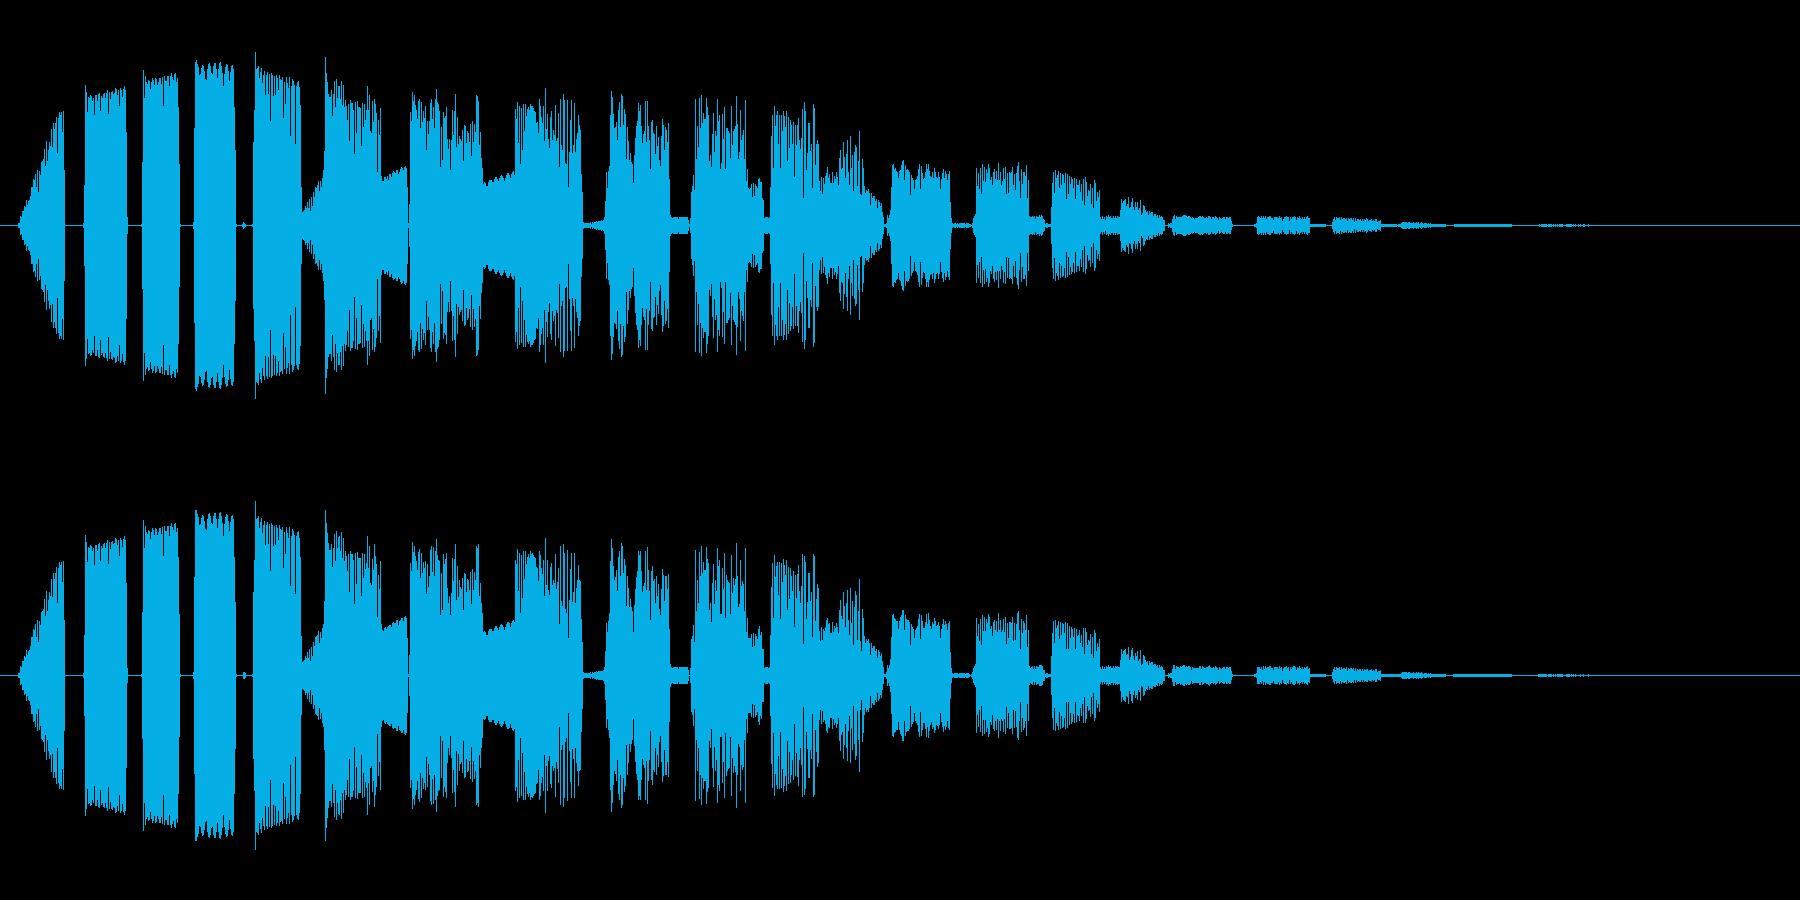 ピロピロピロ(ミラクルな効果音)の再生済みの波形